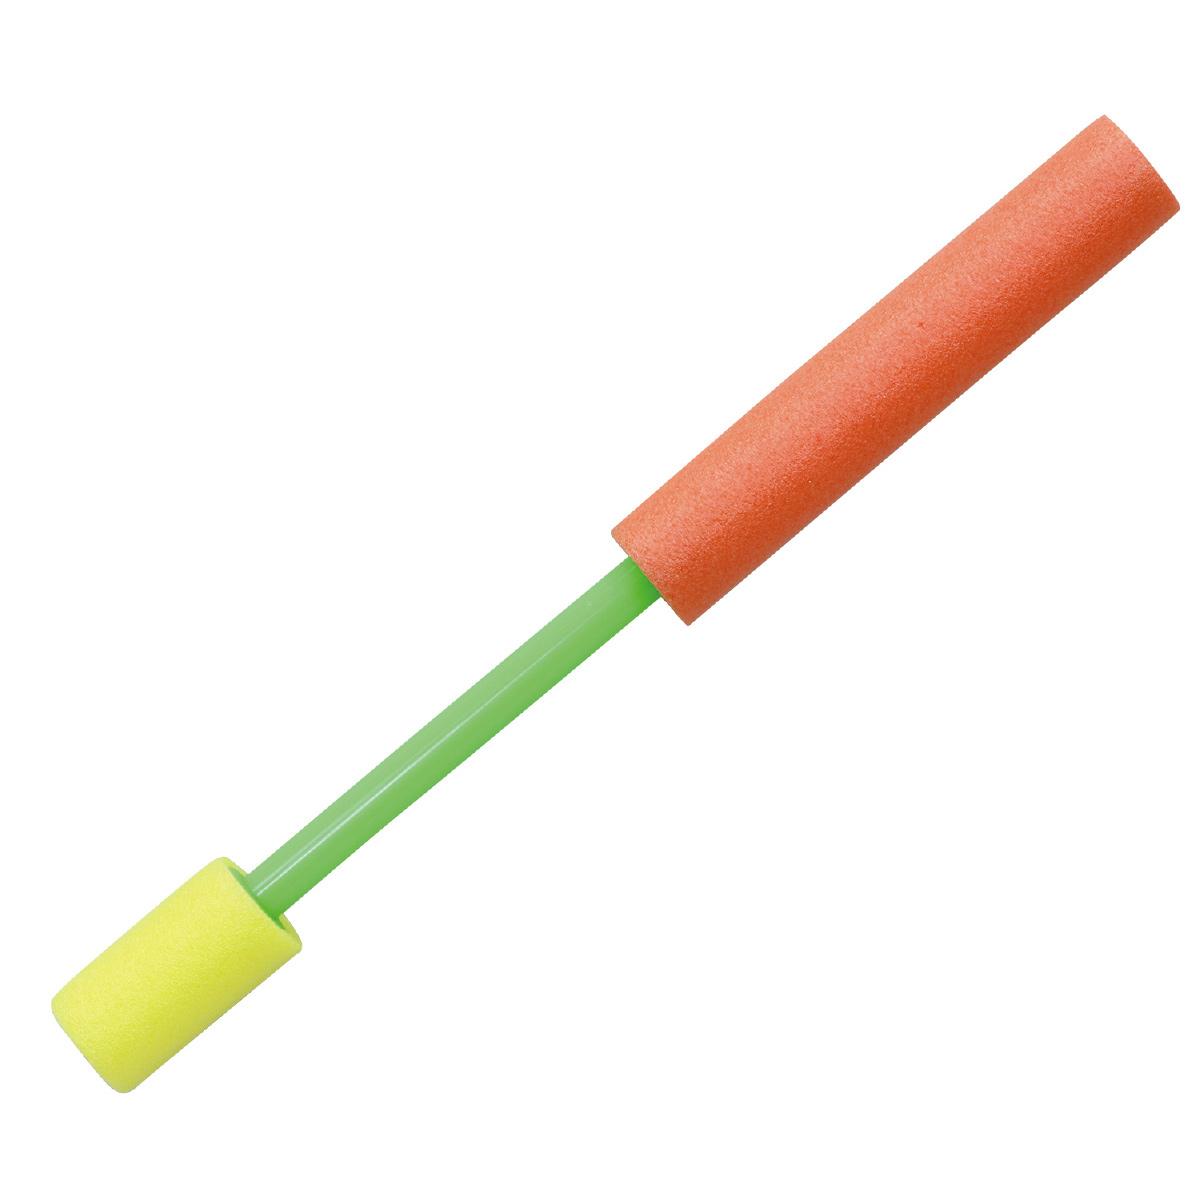 水てっぽう 水鉄砲 ミニミニスプラッシュ 子供 おもちゃ 女の子 男の子 みずてっぽう 外遊び 子ども 3歳 4歳 5歳 玩具